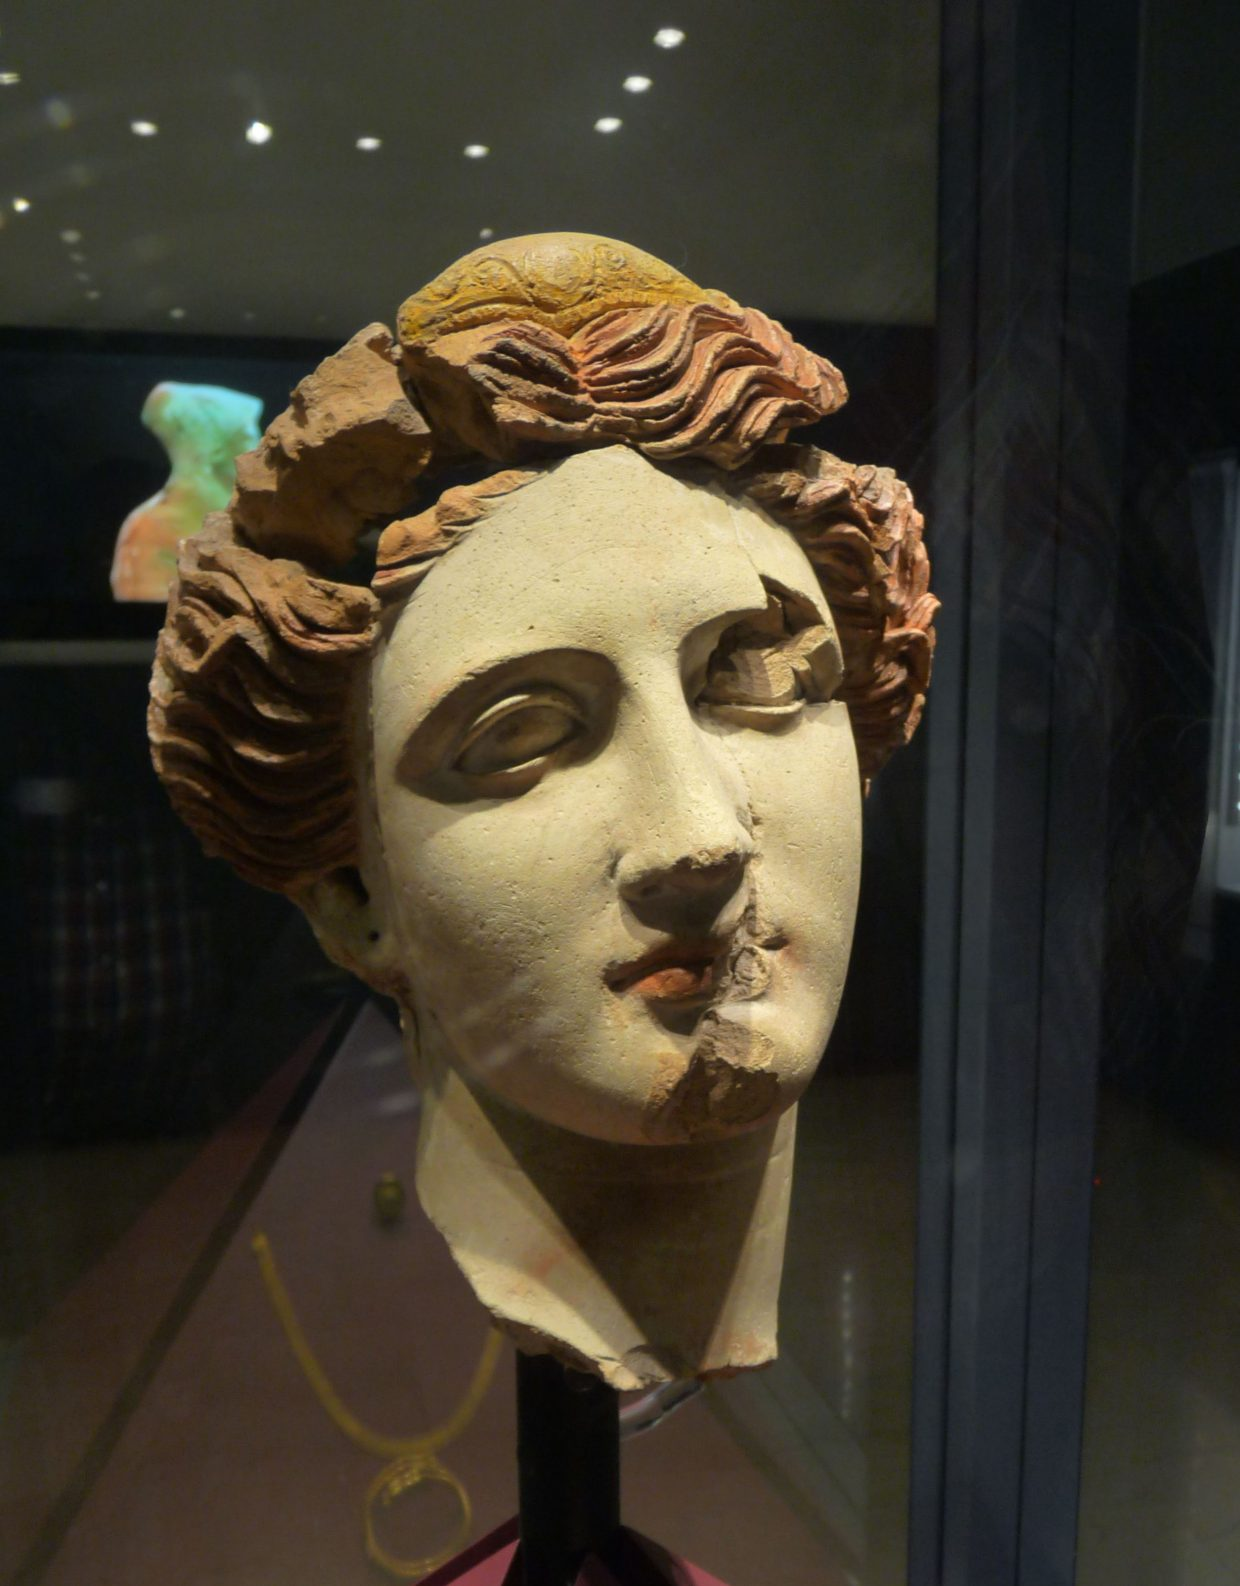 Tarente, Musée d'Archéologie, Tête de femme en terre cuite polychrome, Cliché Jean-François Martine